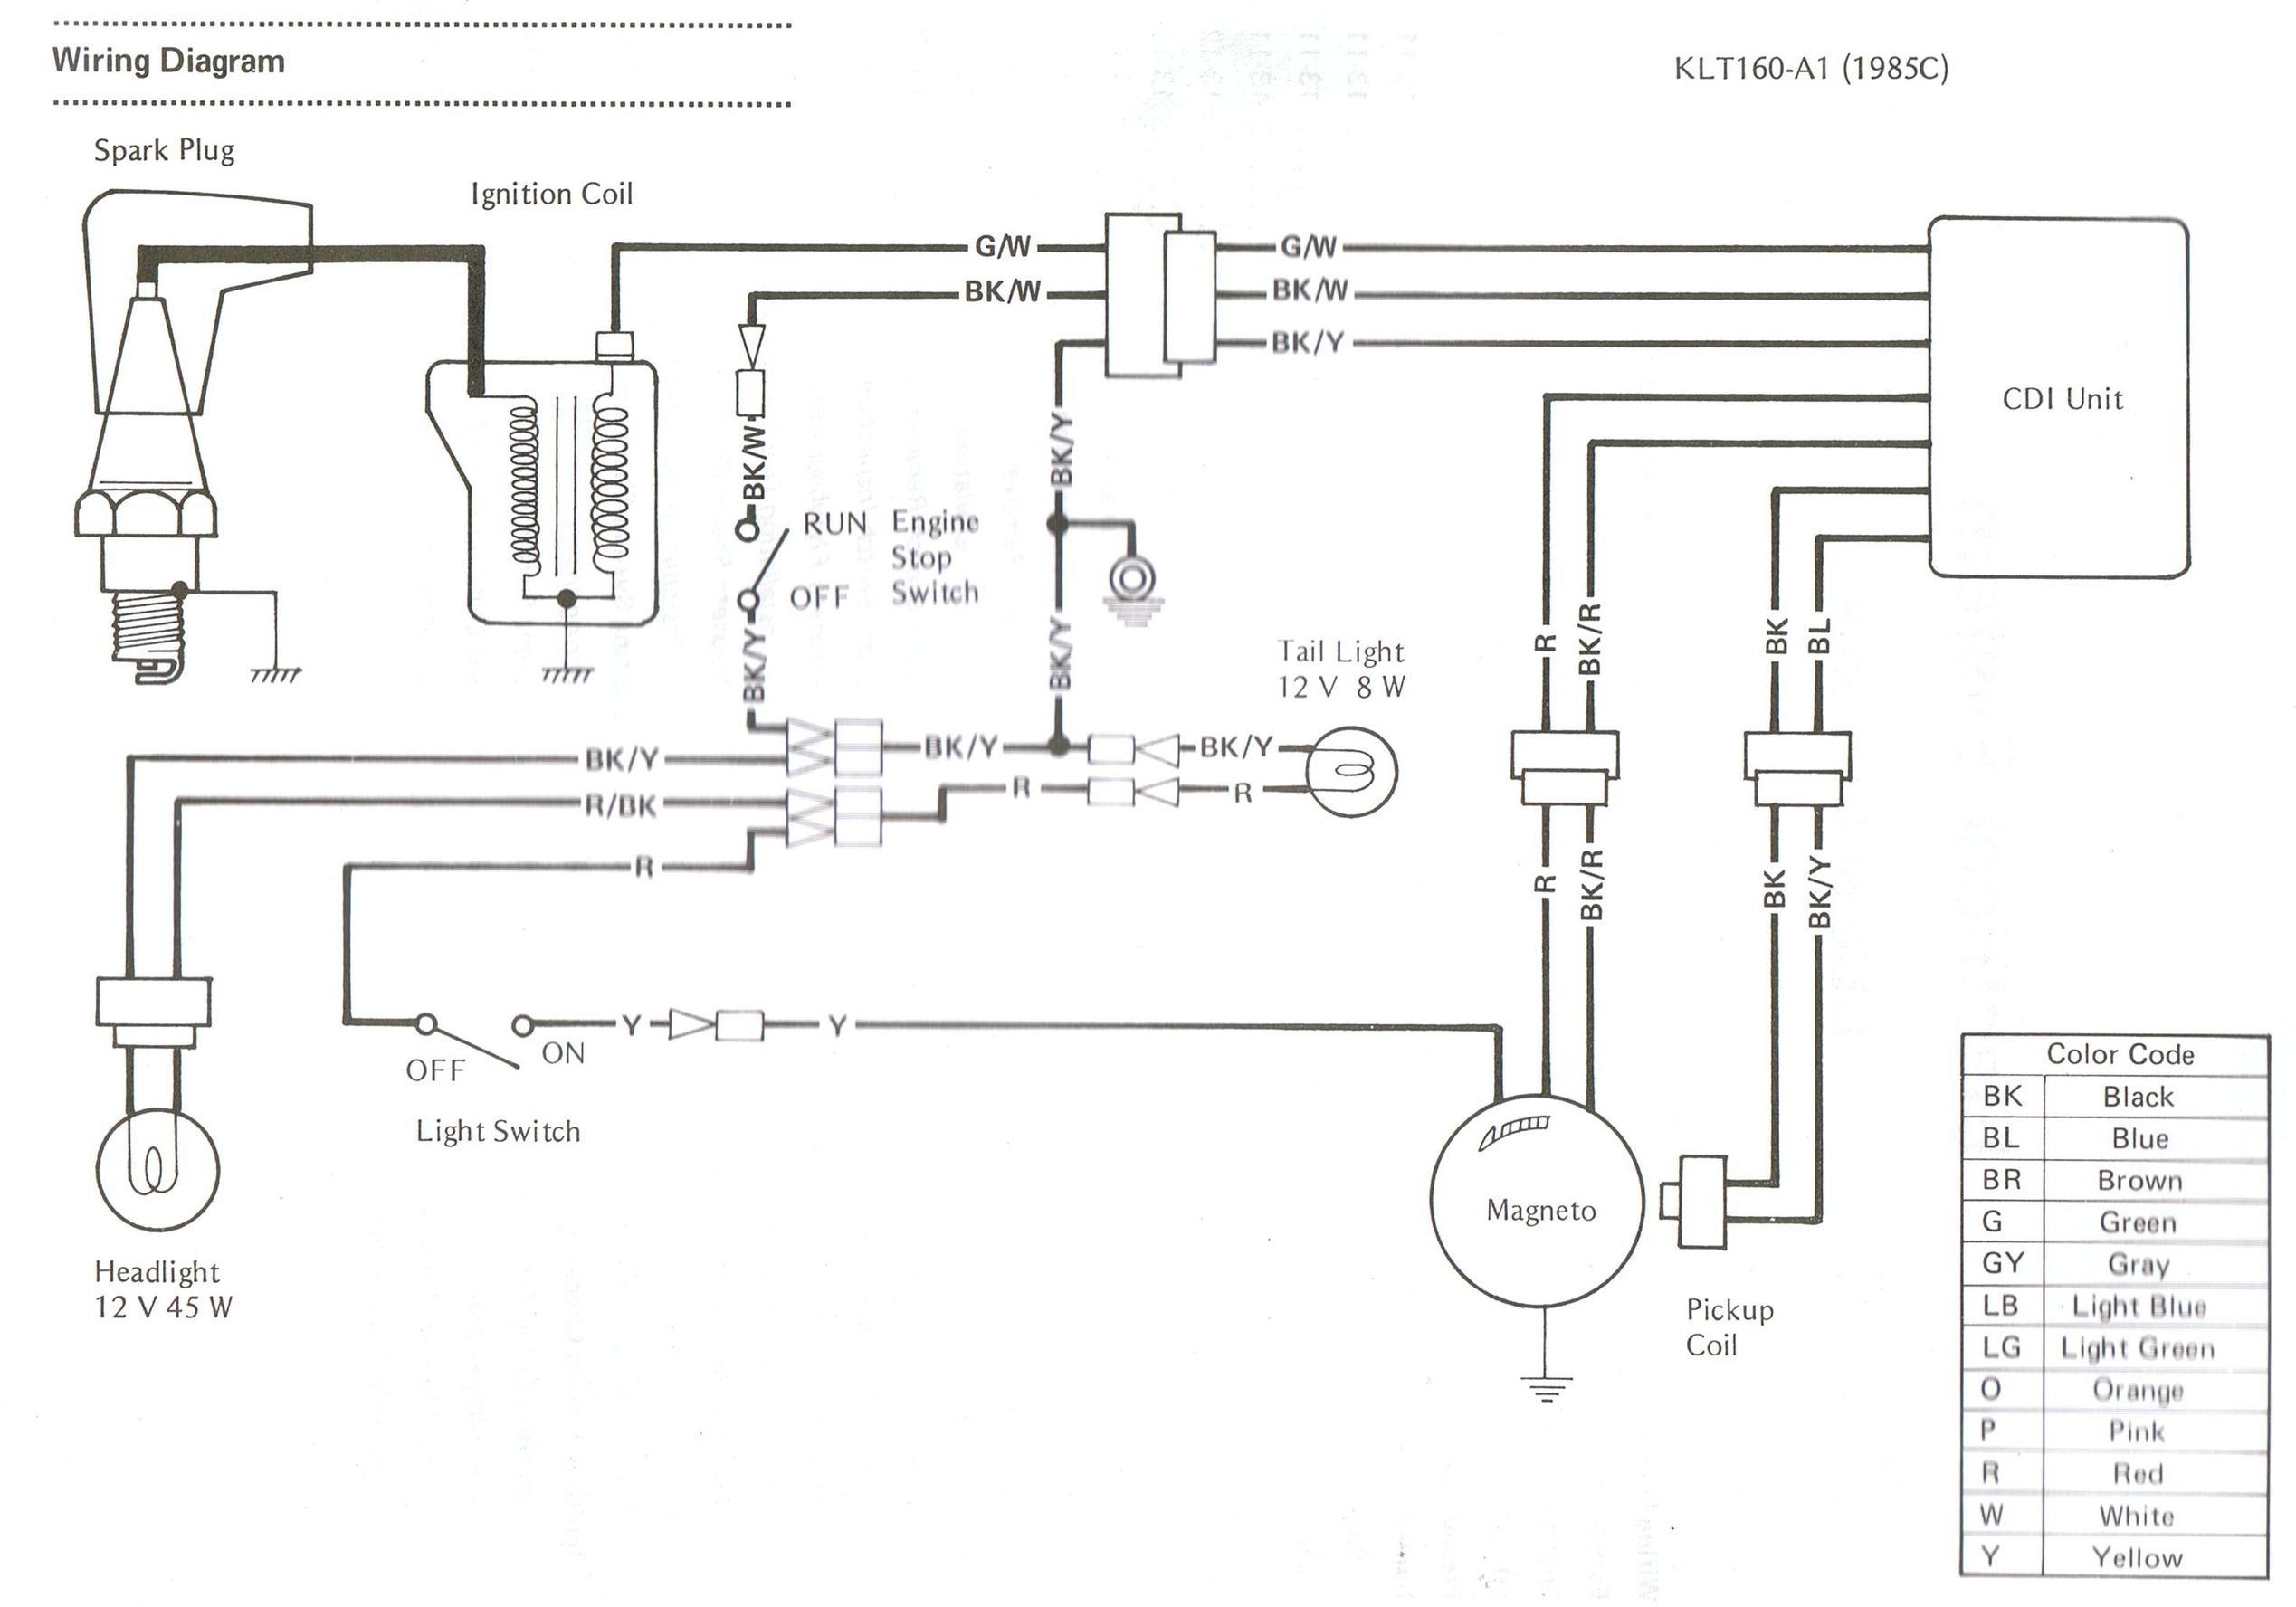 wiring diagram for polaris sportsman 90 wiring diagram listsportsman 90 wiring diagram wiring diagram centre wiring diagram for polaris sportsman 90